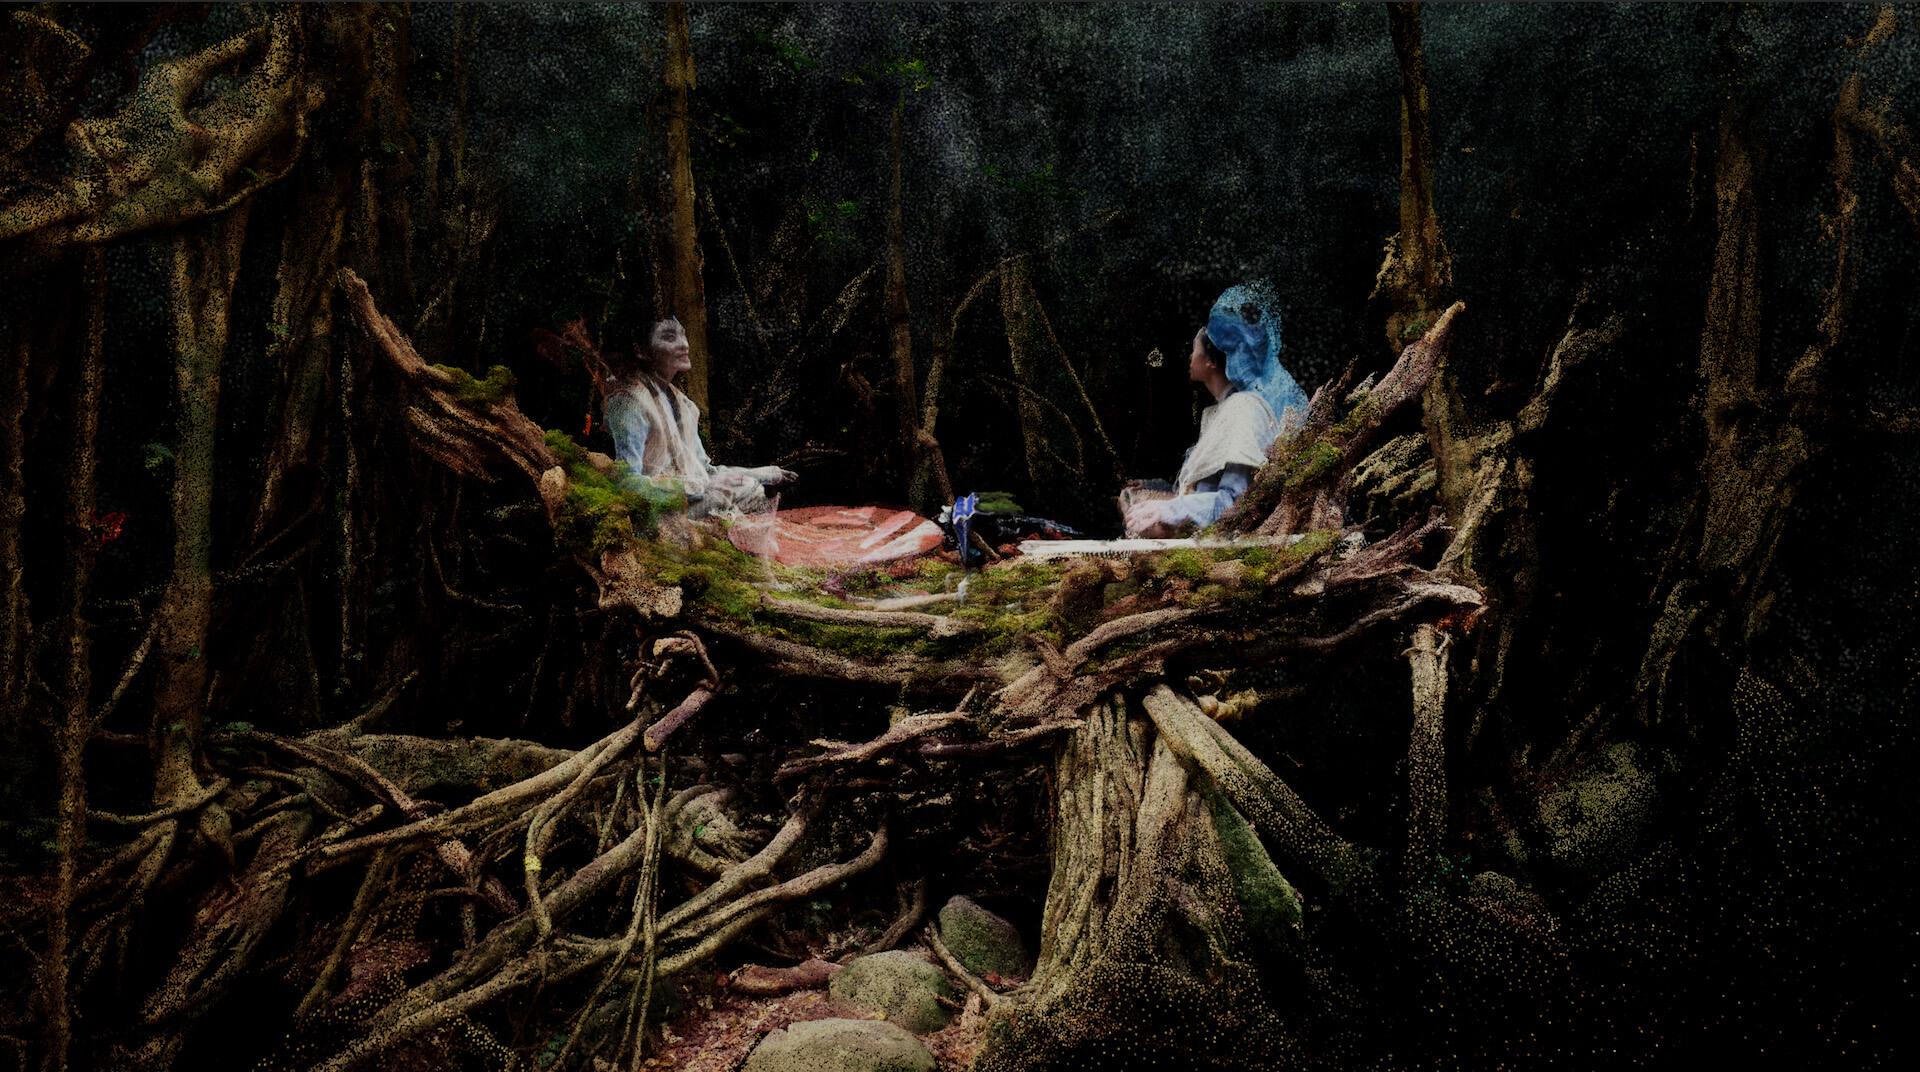 YAKUSHIMA TREASUREの死生観とポストコロナの表現|屋久島の原生林でのライヴ作品『ANOTHER LIVE』に迫る music210219_yakushimatreasure_36